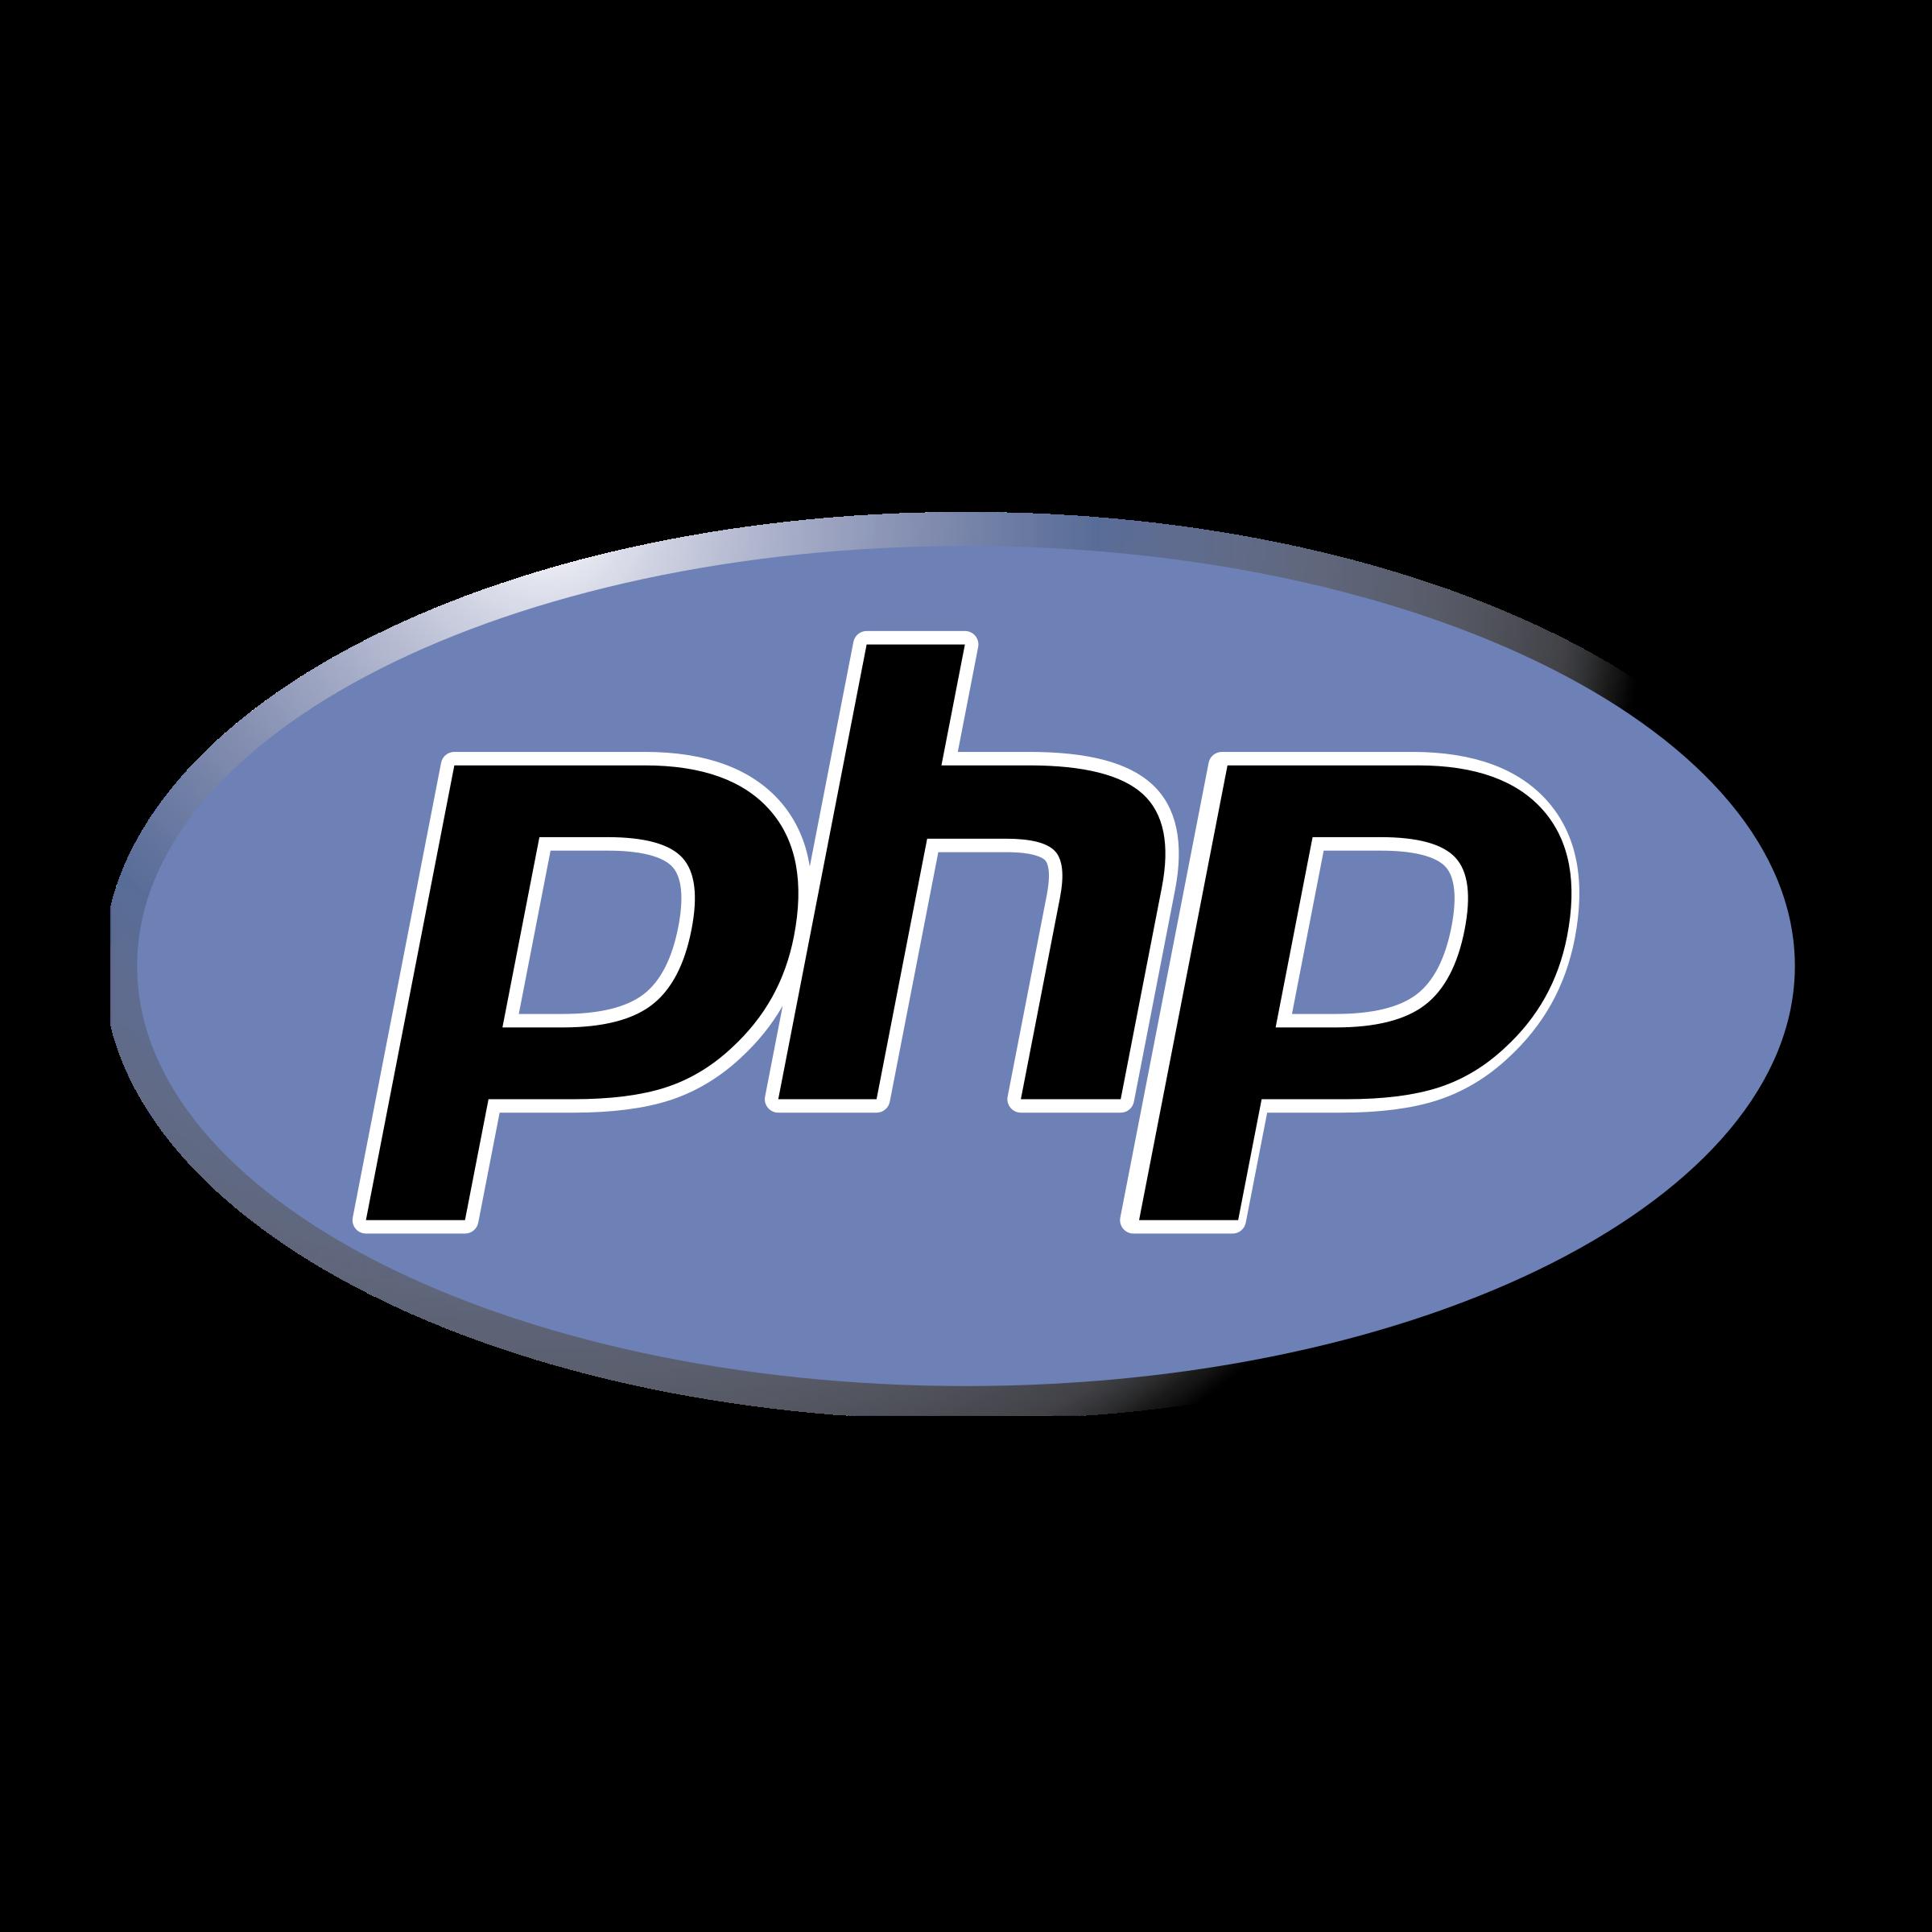 PHP logo PNG.